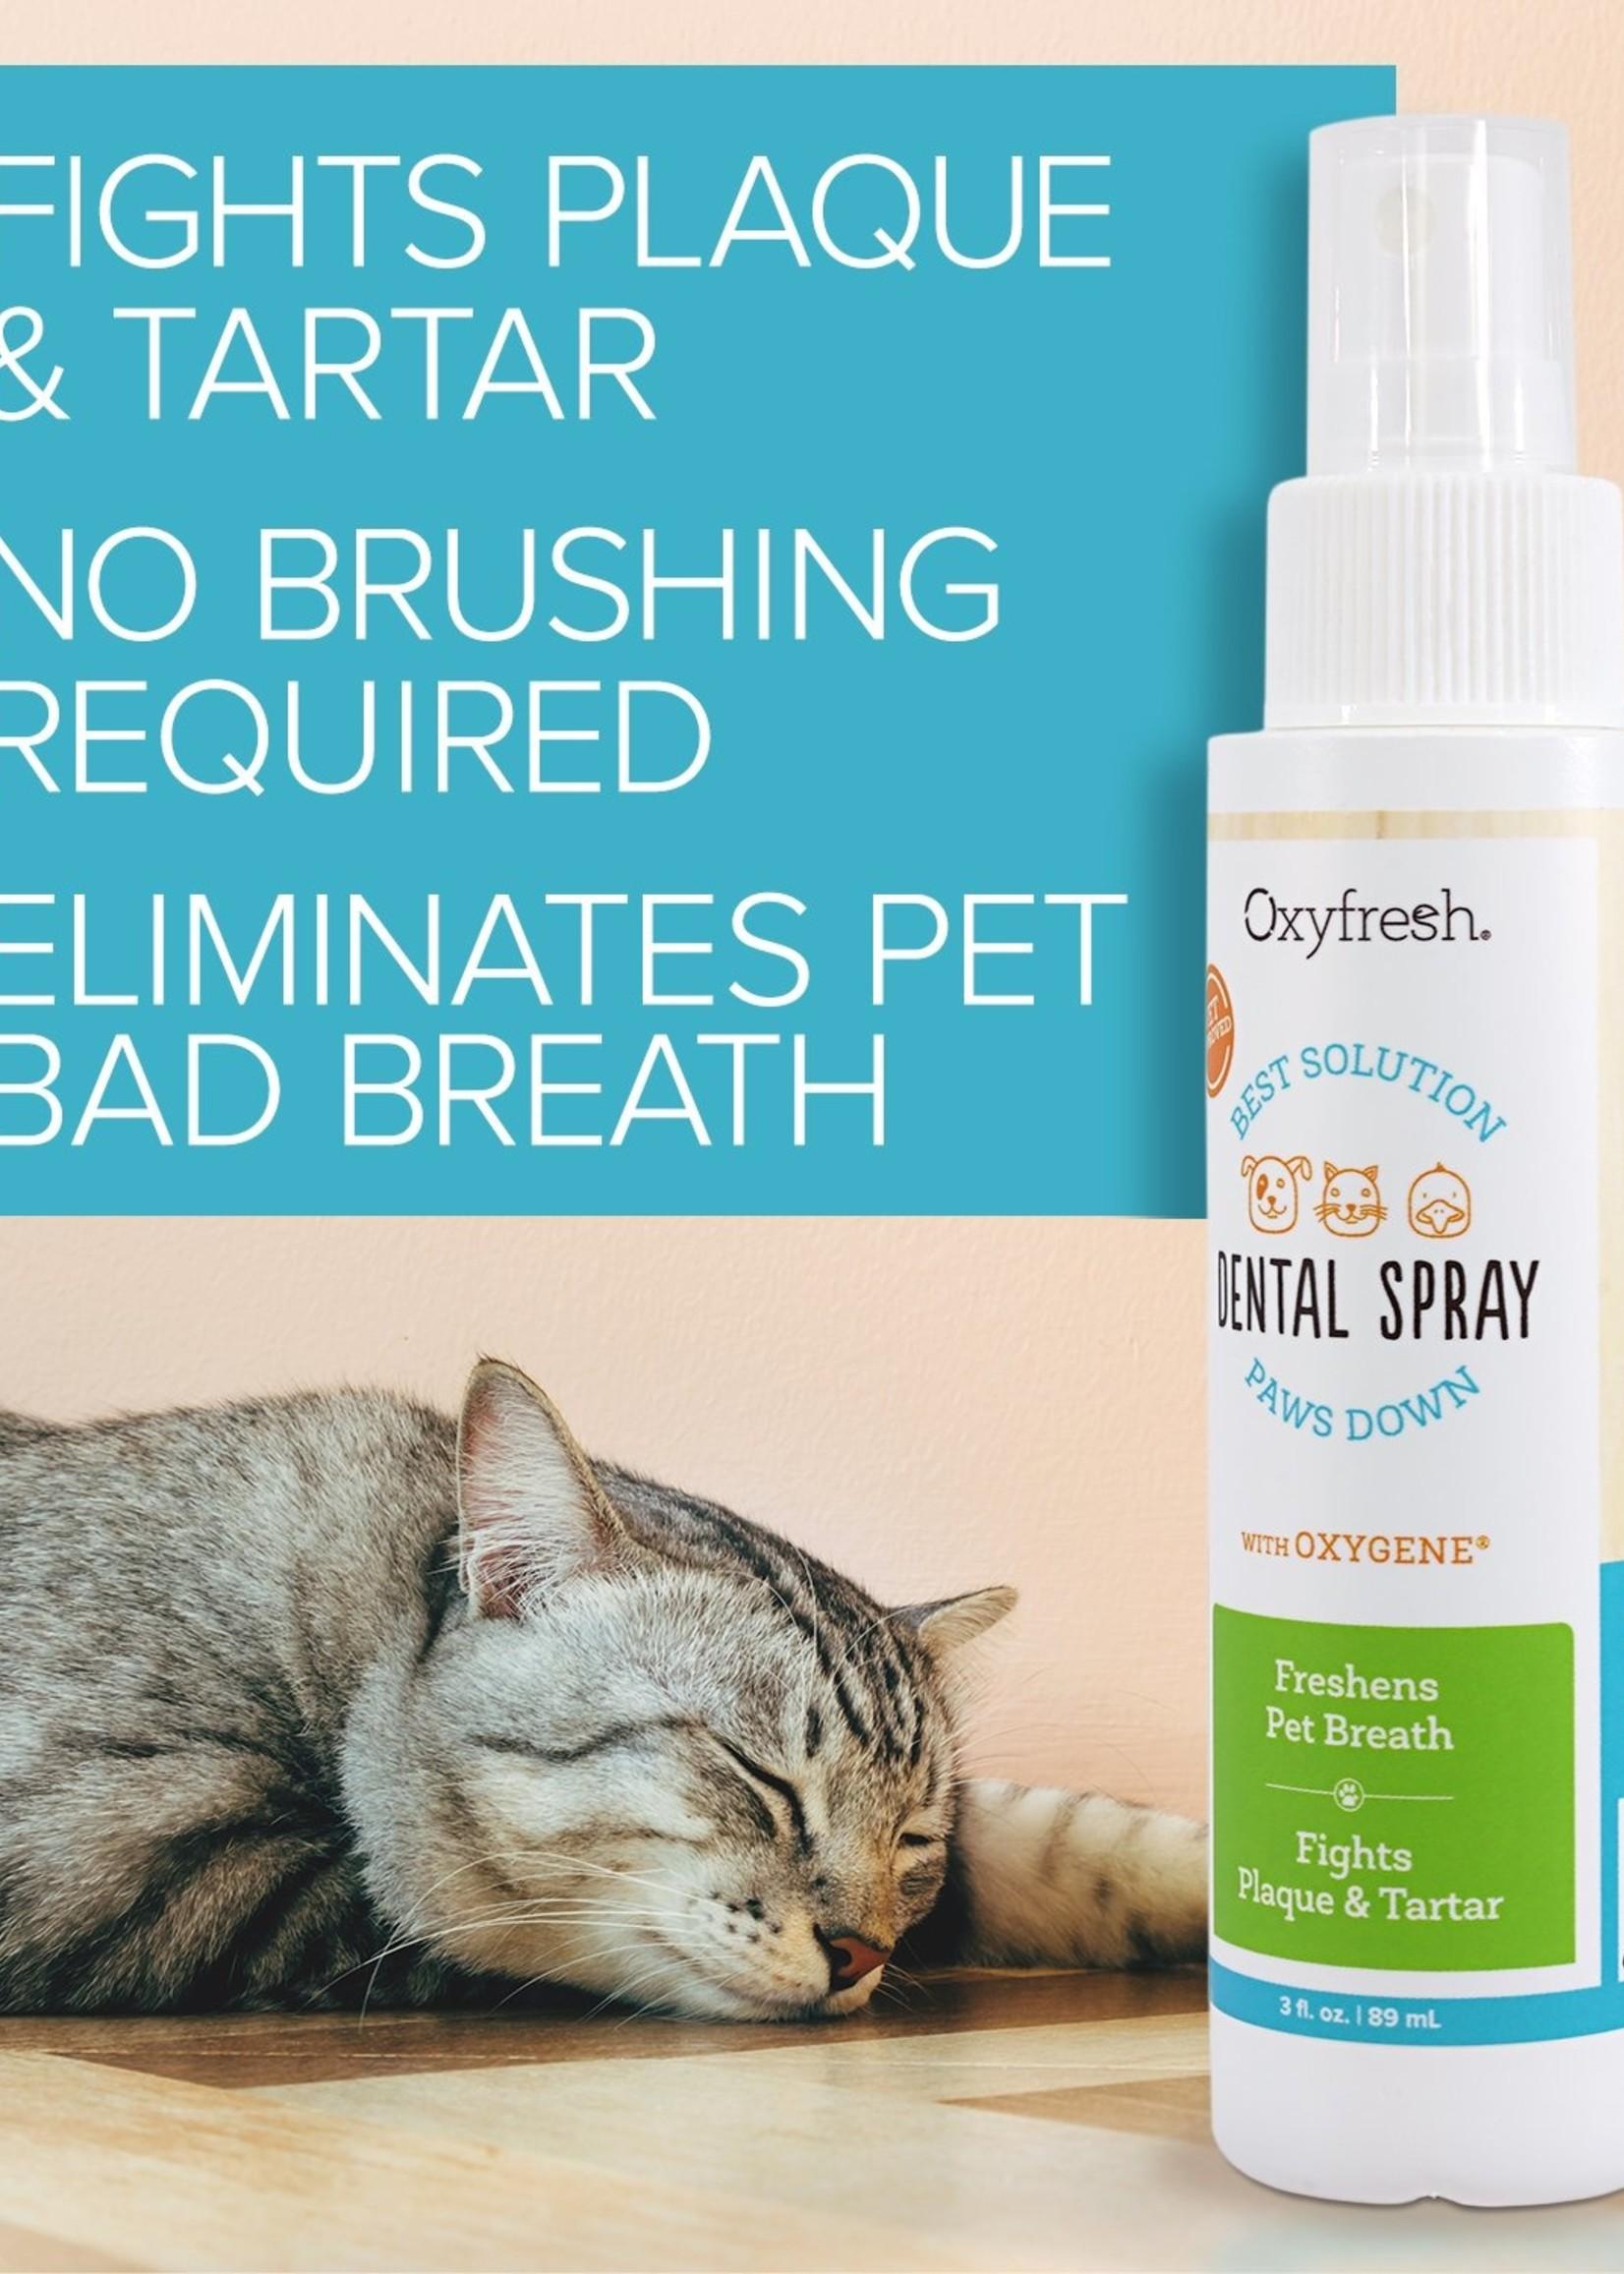 Oxyfresh Oxyfresh Dental Spray With Oxygene, 3 fl oz